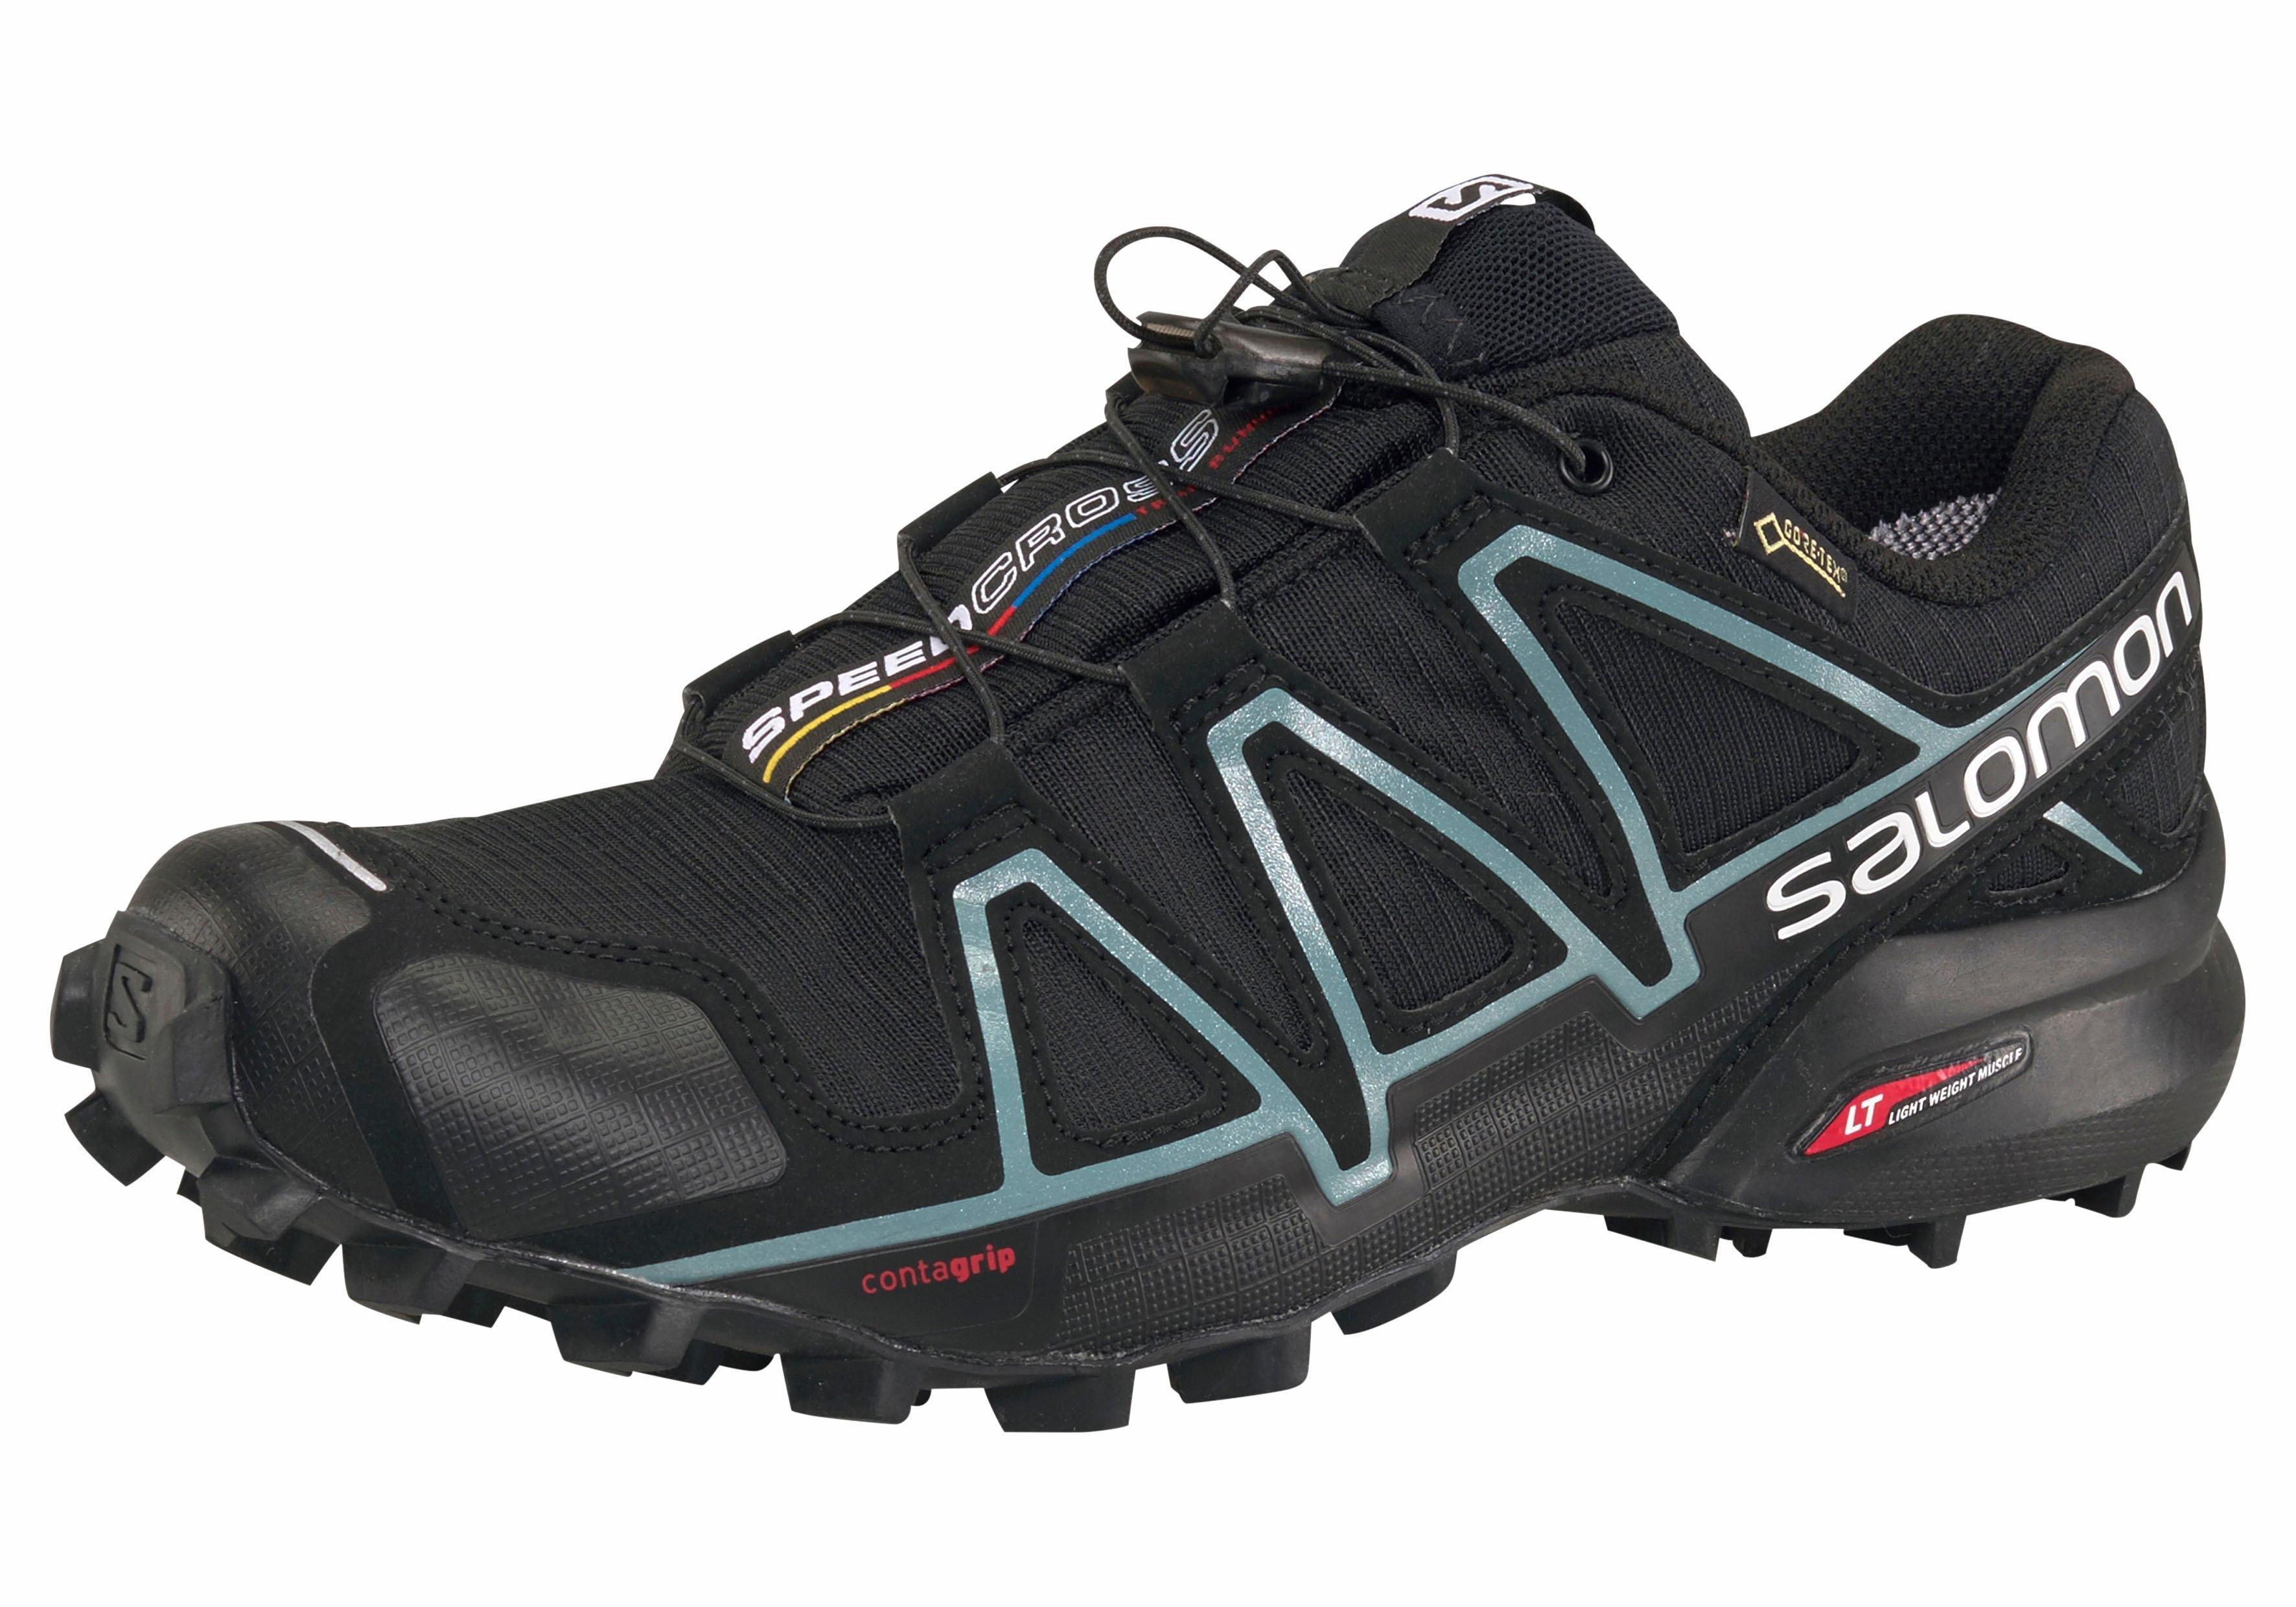 Salomon runningschoenen »Speedcross 4 Gore-Tex Wmns« voordelig en veilig online kopen